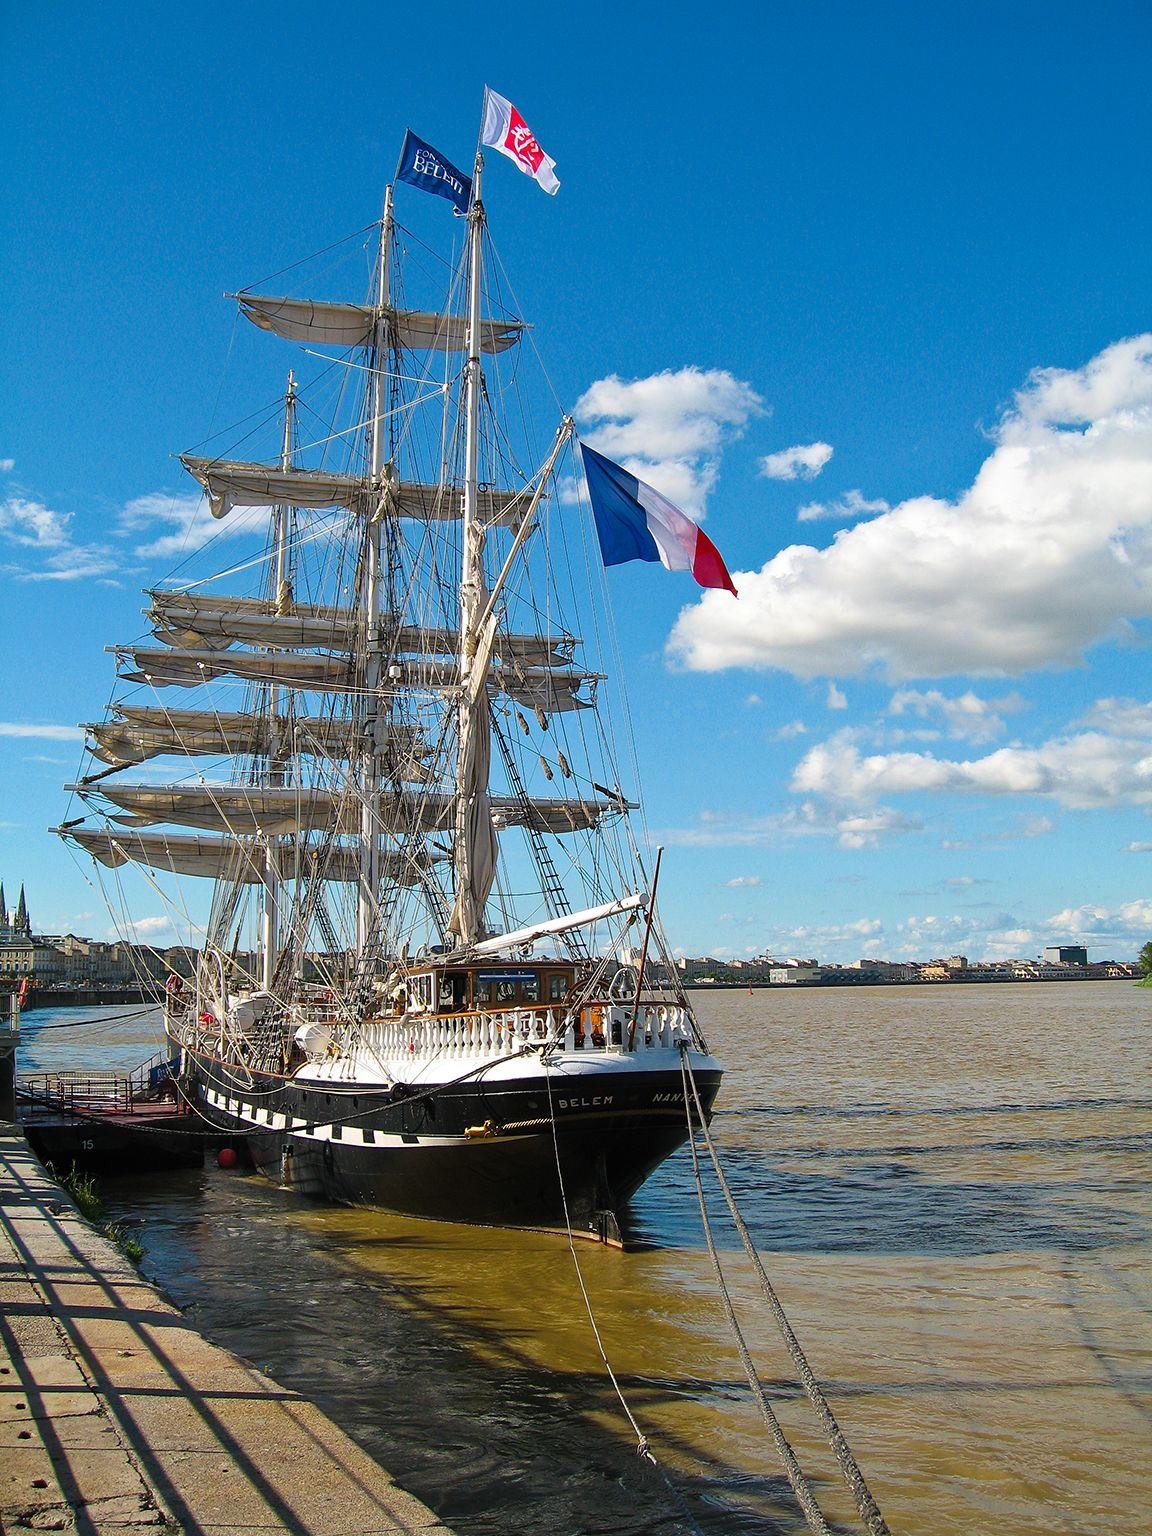 Le Belem, Bordeaux fête le fleuve, Bordeaux, Gironde, France. Photo: Olivier Aumage